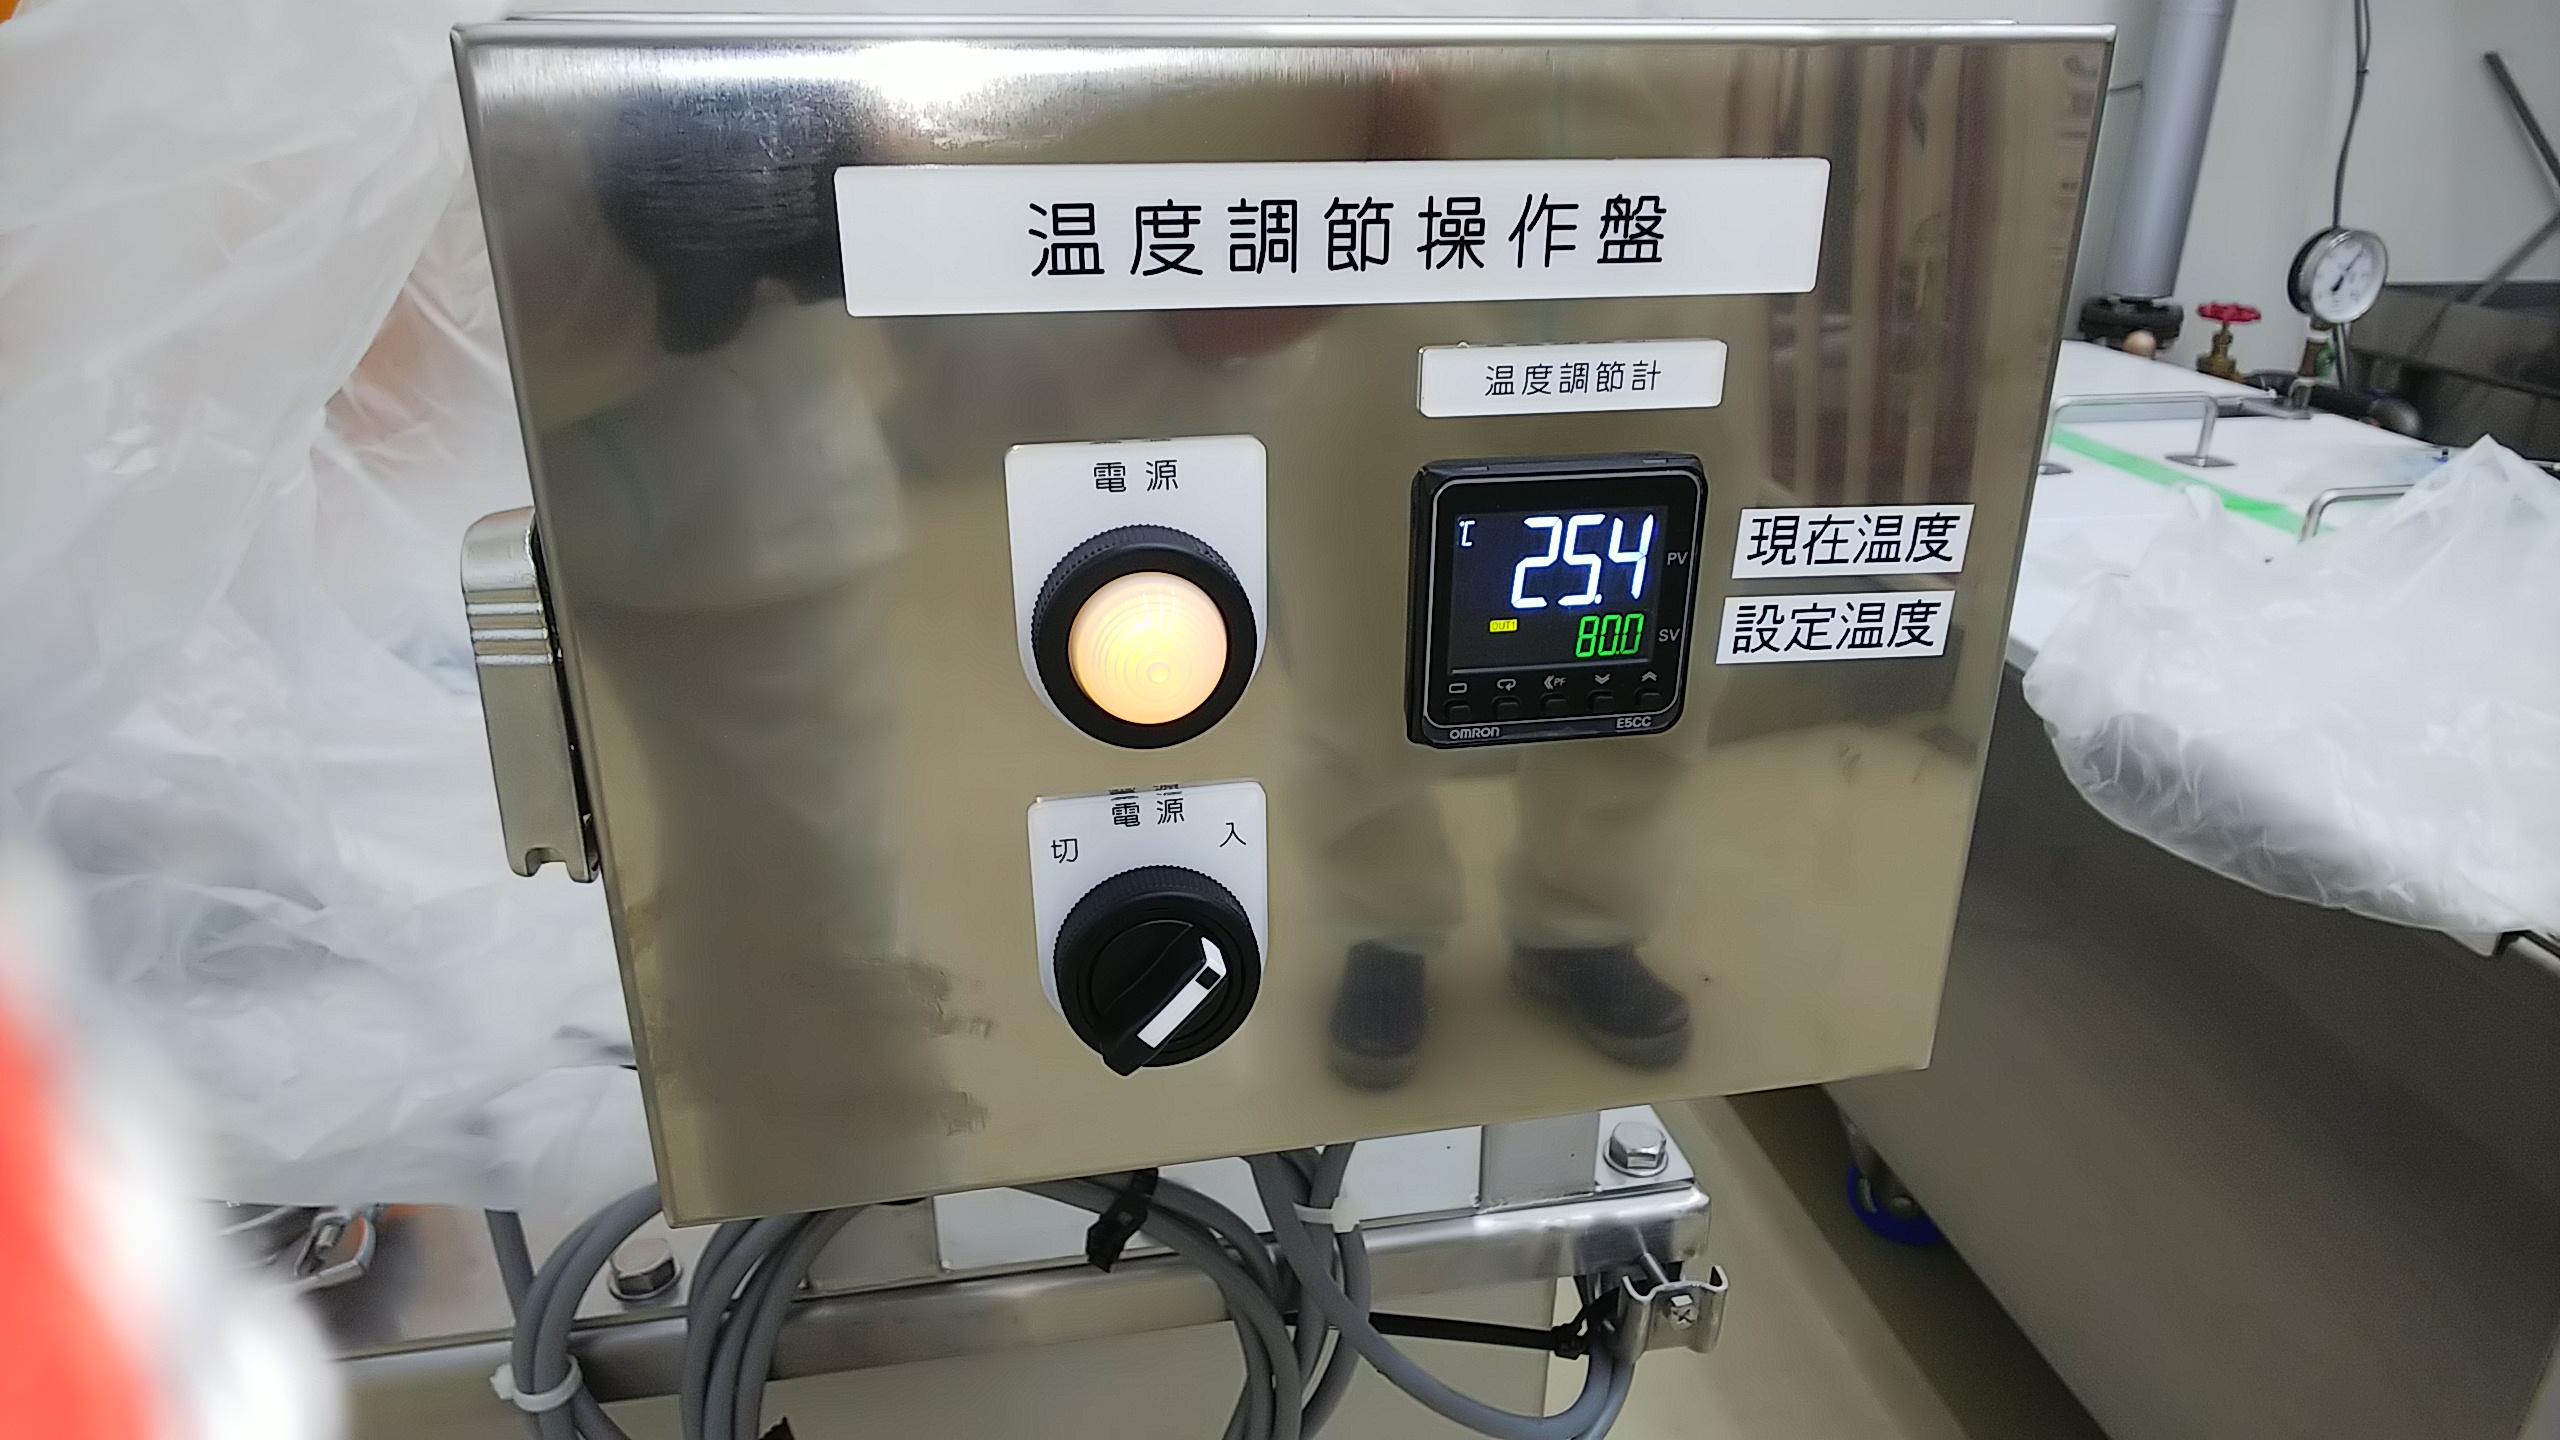 一斗缶湯煎槽(間接加熱式)-実例[9] 002-photo